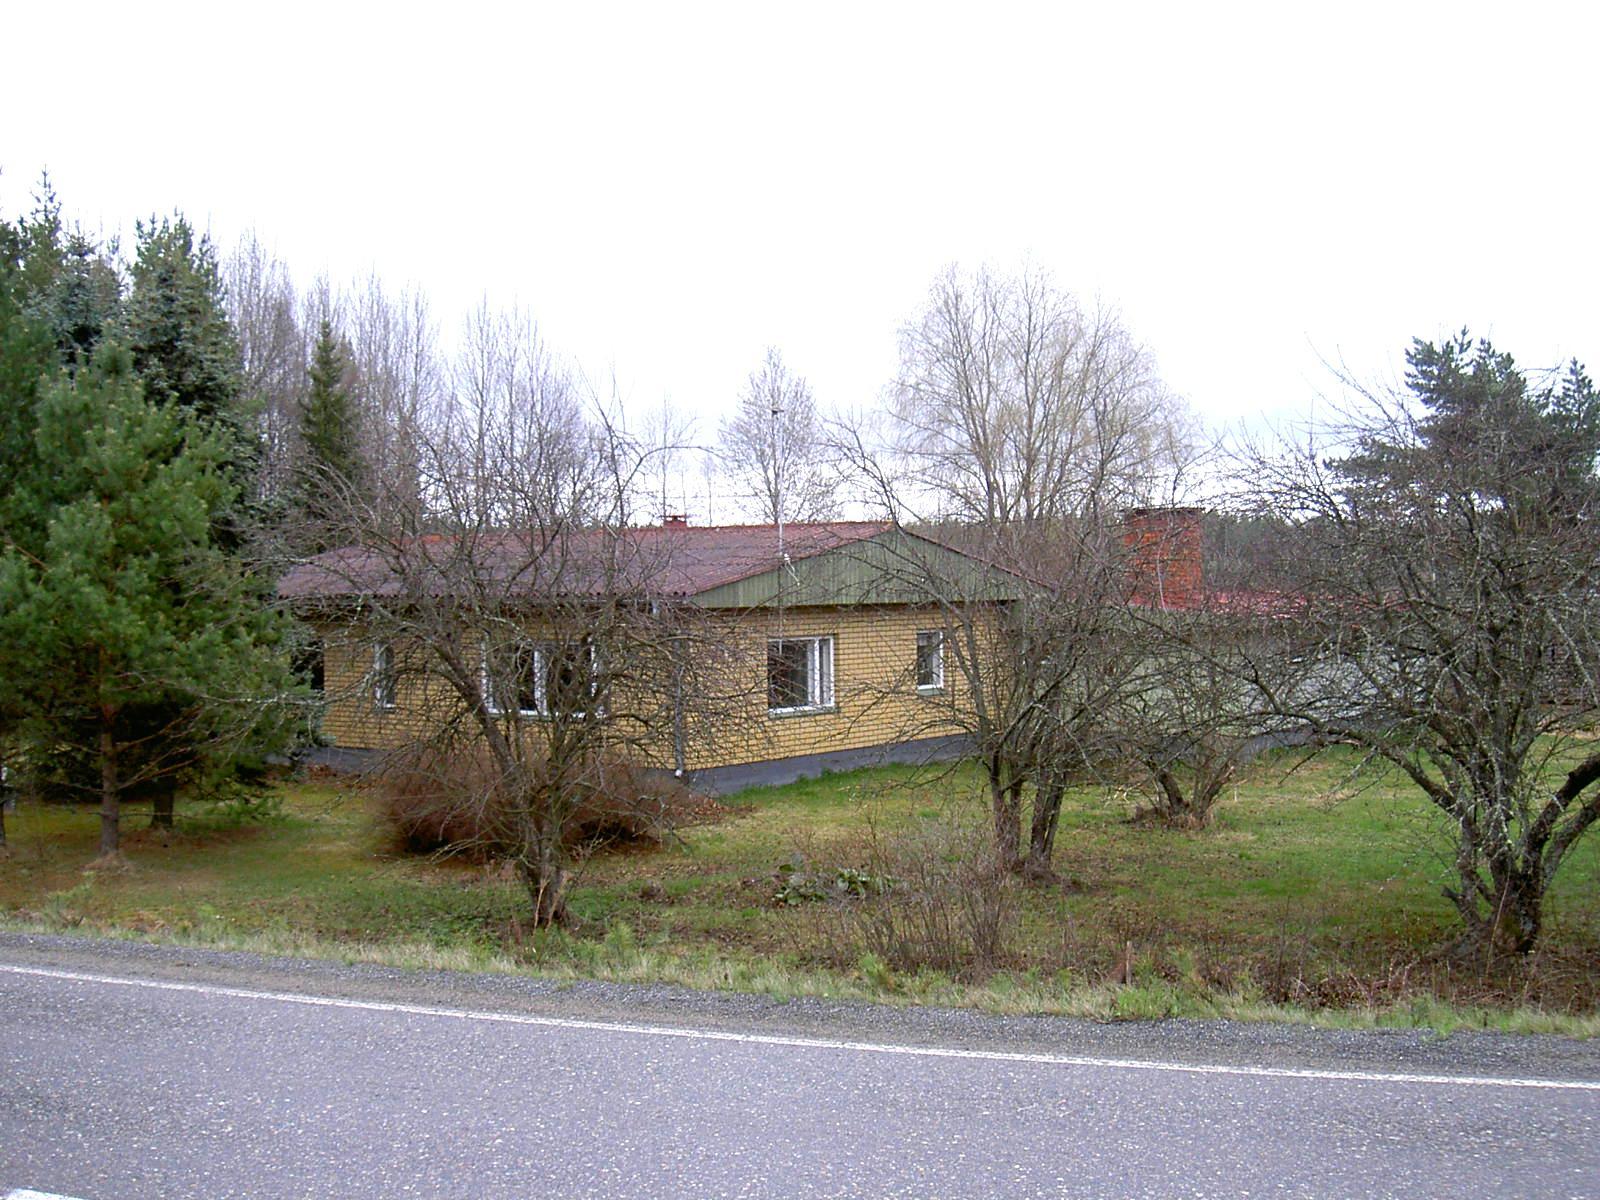 Den här gården byggde Karl Hemberg år 1971 på samma ställe som den gamla gården. Den övertogs sedan av sonen Sten Hemberg (1945-2013) och efter Stens död övertogs gården av utomstående. Fotot från landsvägen år 2003.